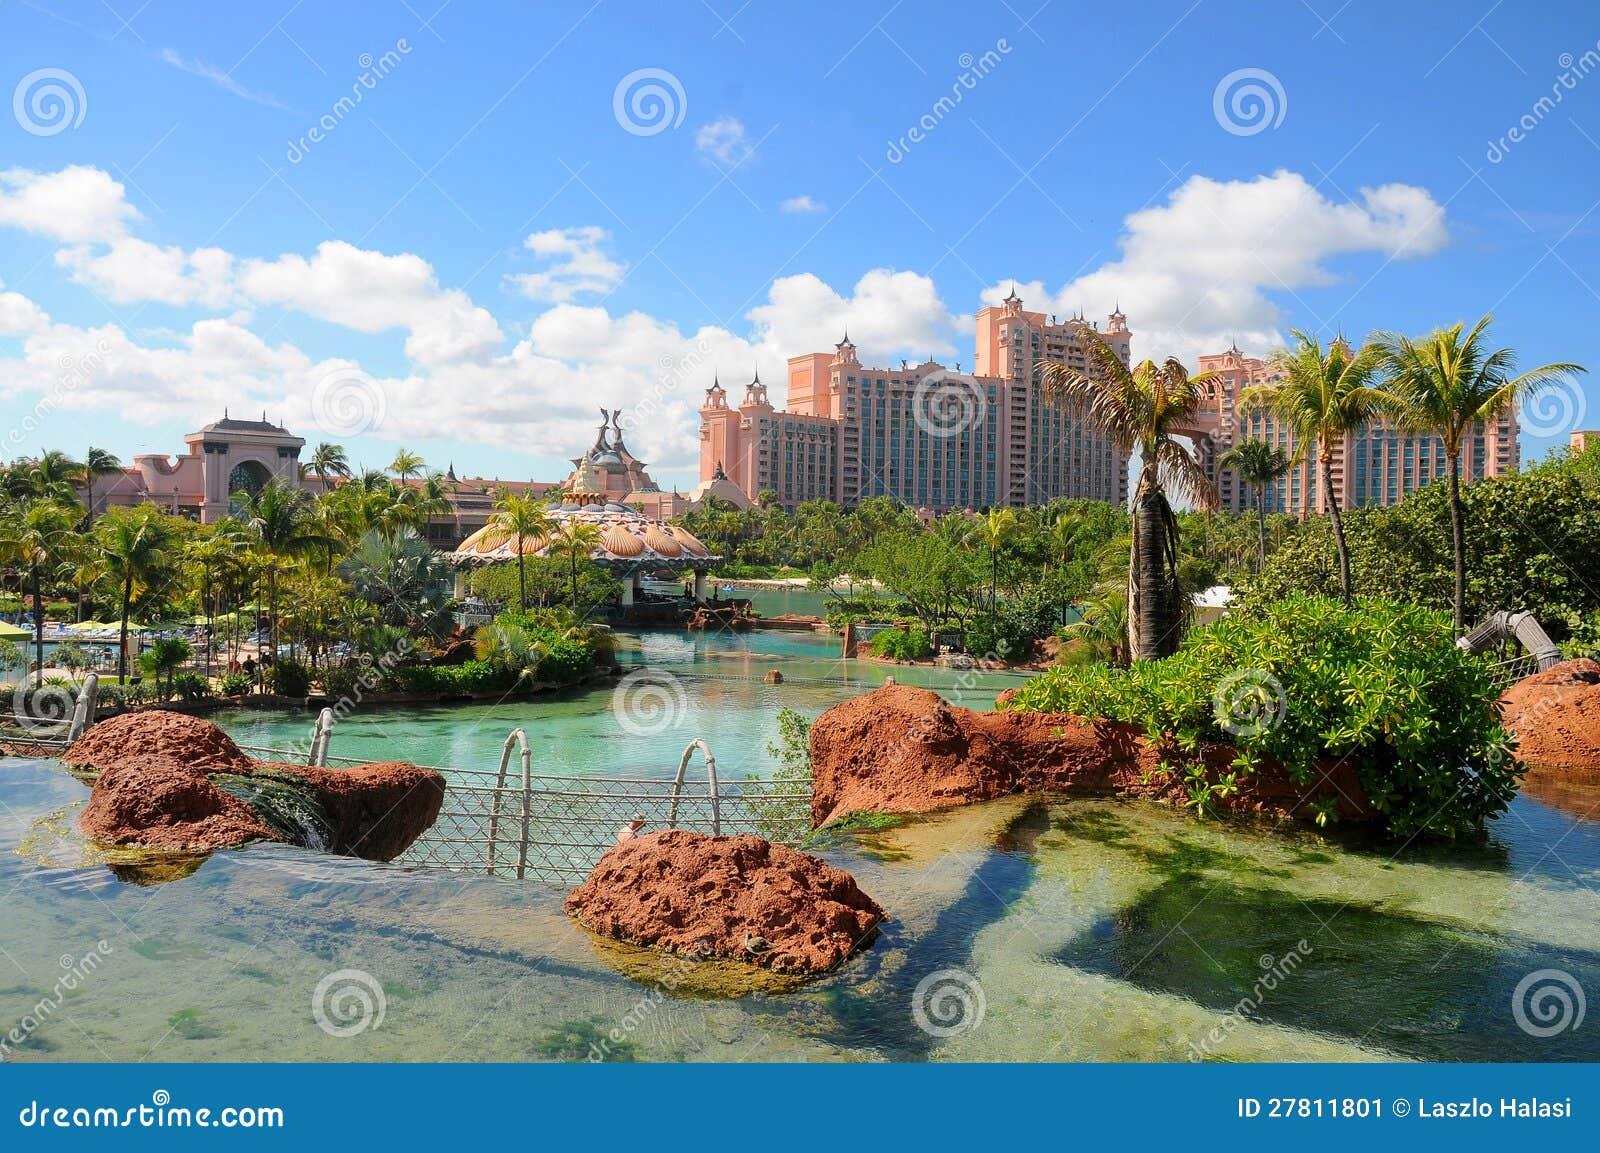 Atlantis Paradise Island Bahamas Stock Image Image Of Paradise Expensive 27811801